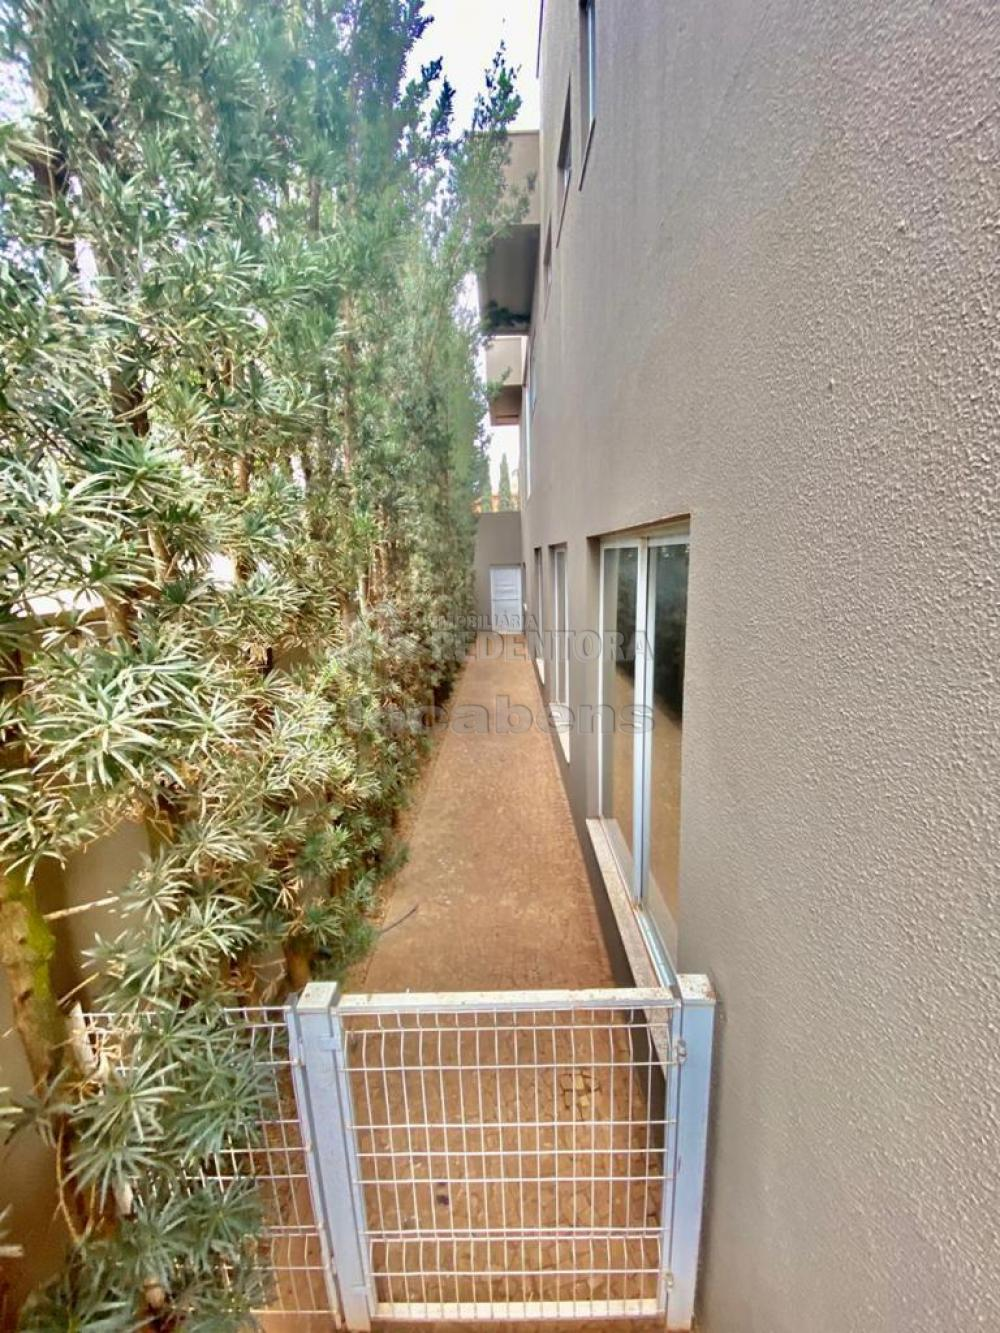 Comprar Casa / Condomínio em São José do Rio Preto R$ 1.750.000,00 - Foto 4